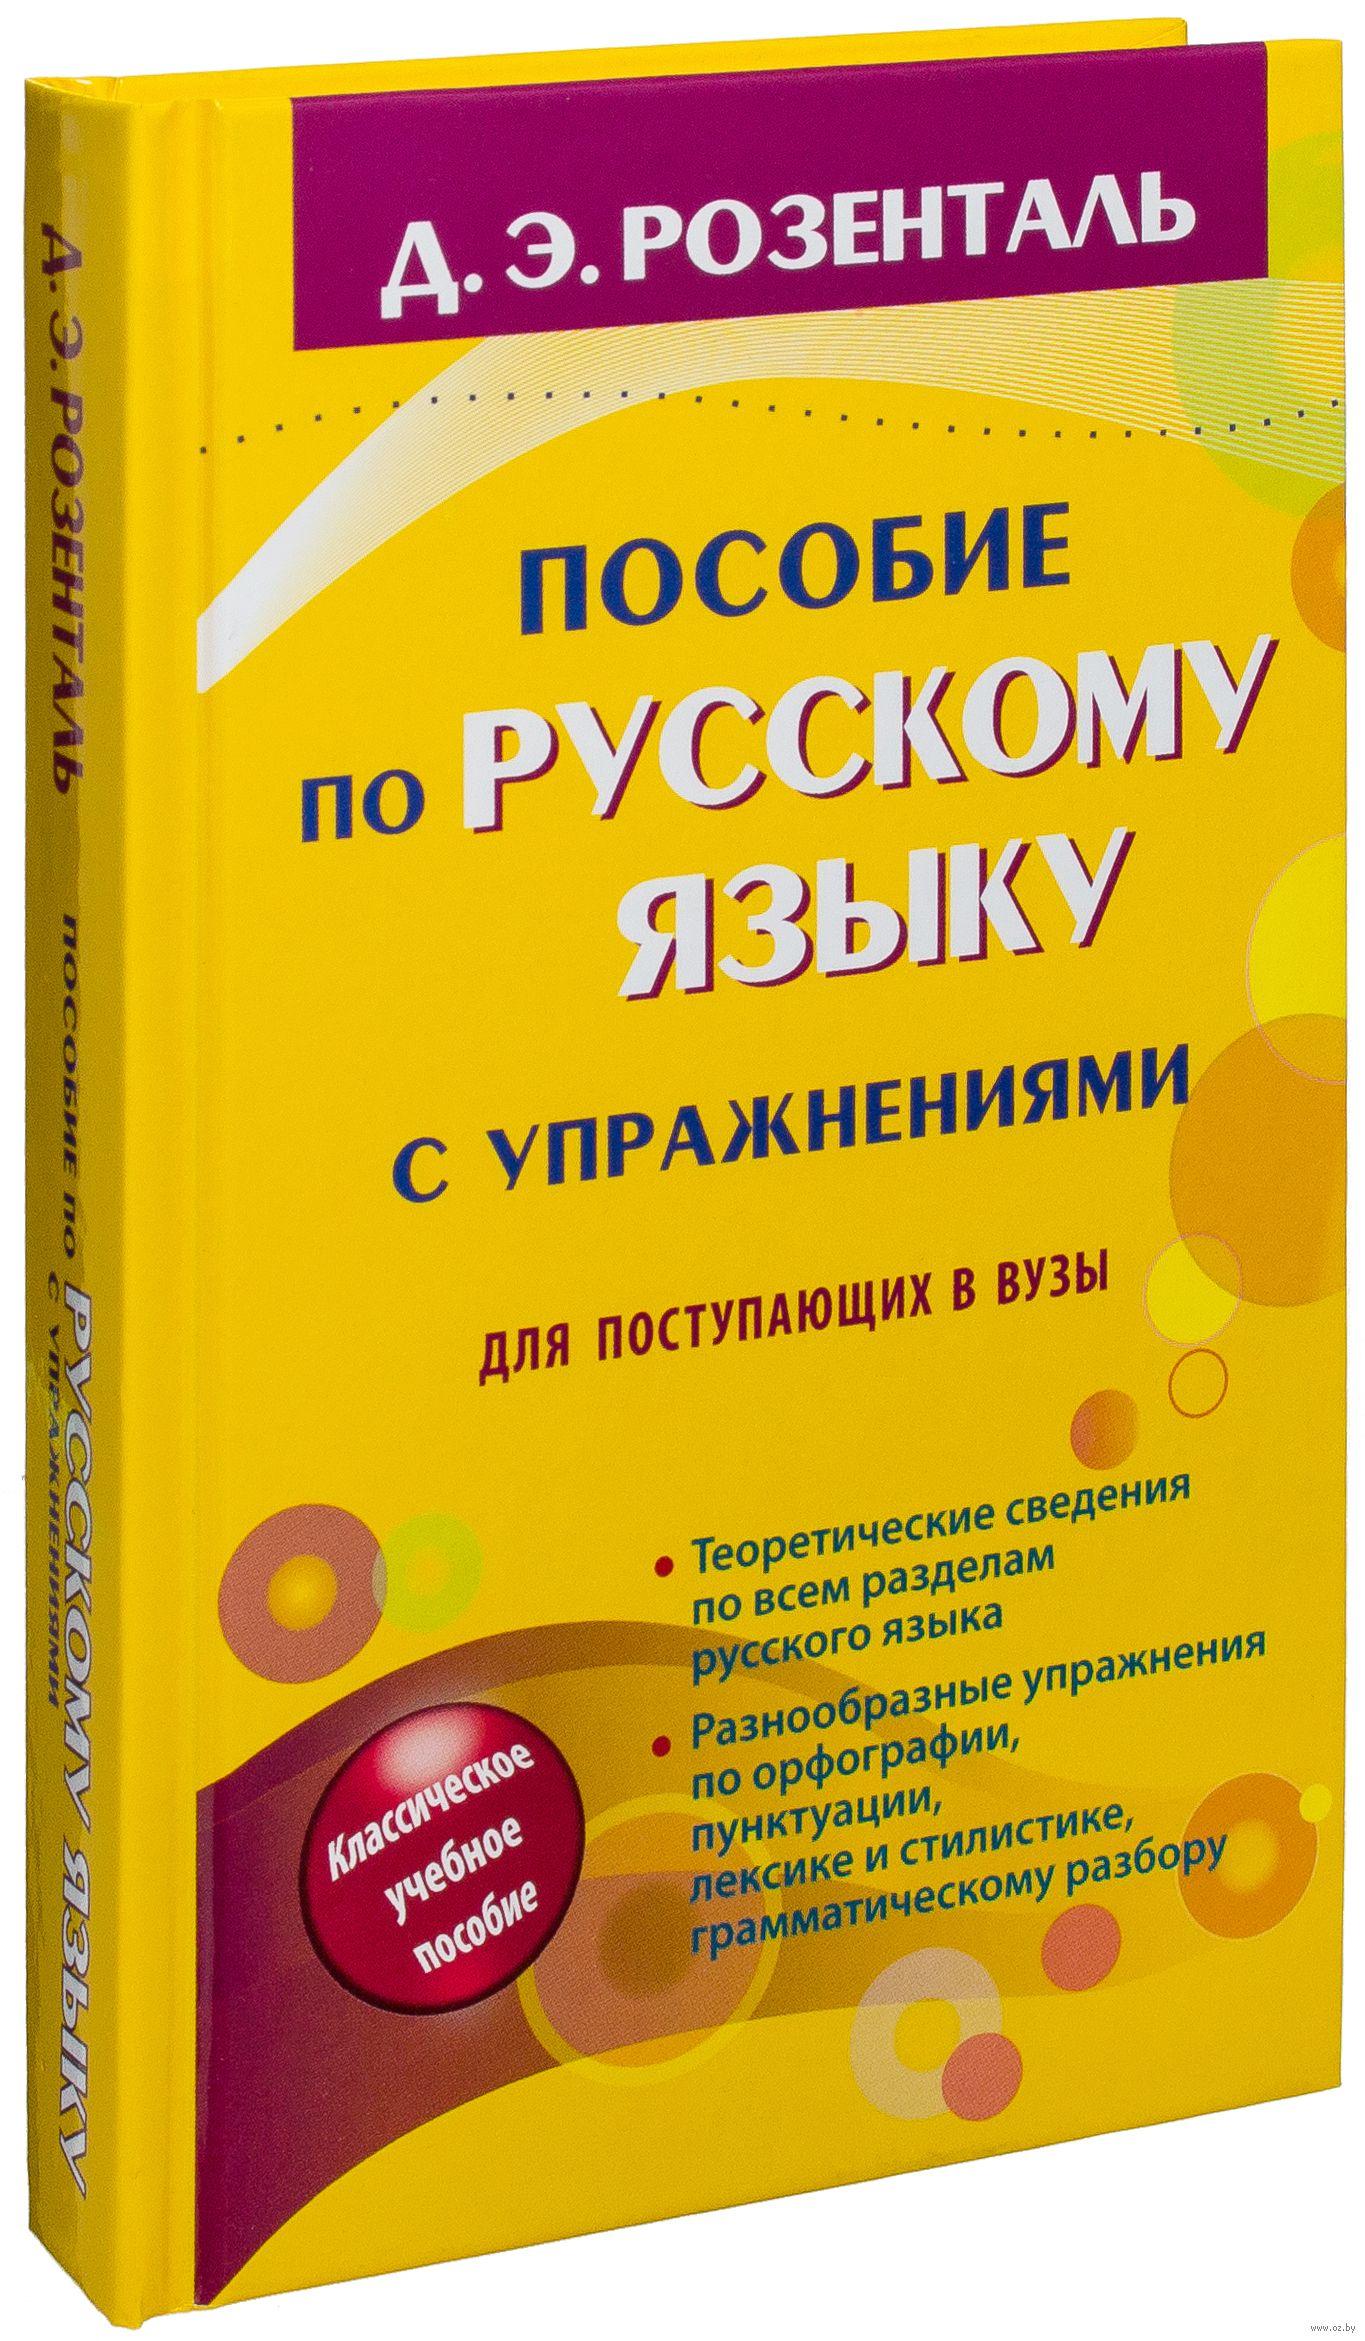 Решебник по розенталю пособие по русскому языку для поступающих в вузы